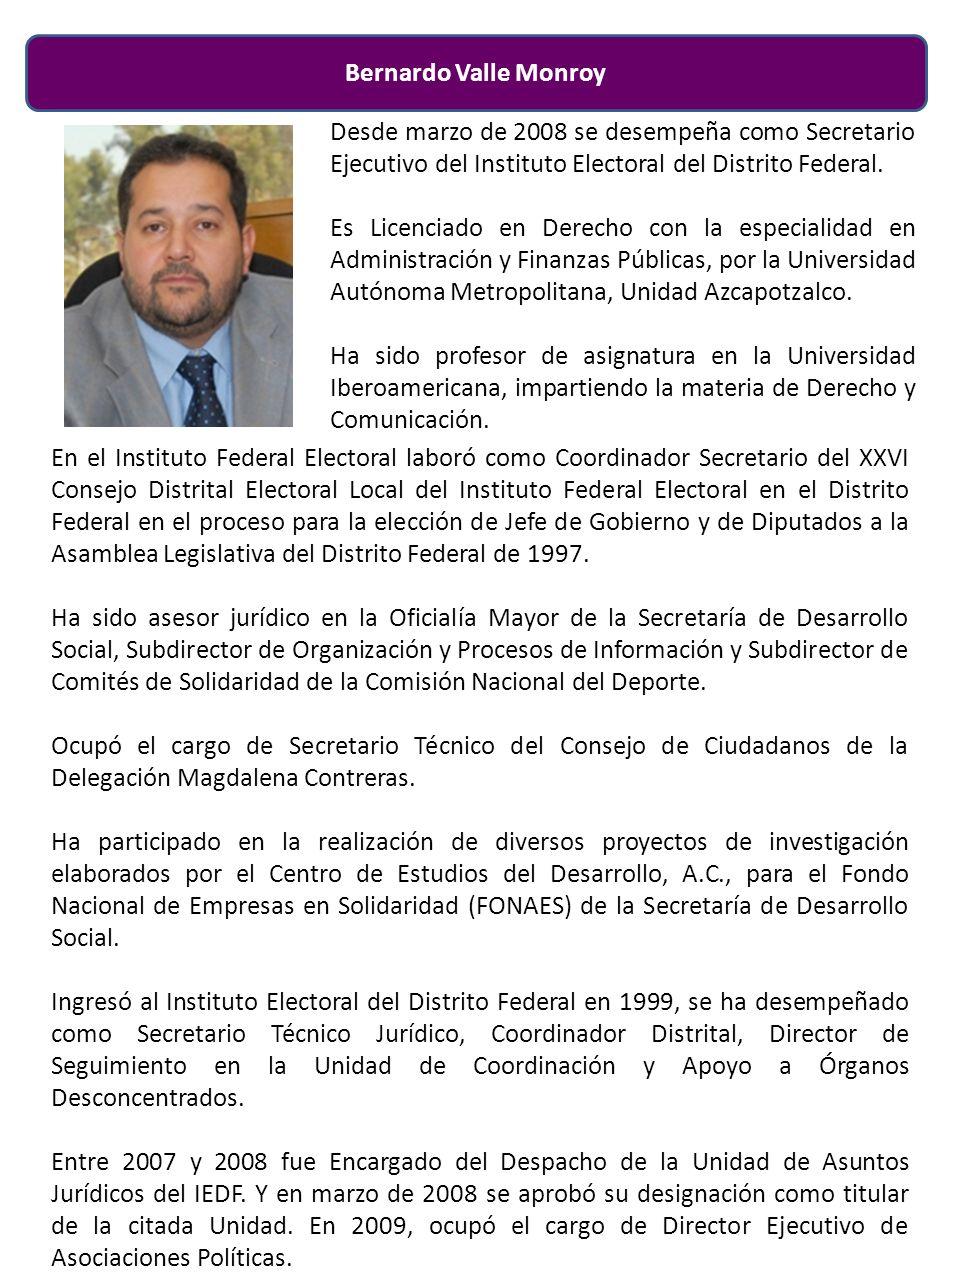 Bernardo Valle Monroy En el Instituto Federal Electoral laboró como Coordinador Secretario del XXVI Consejo Distrital Electoral Local del Instituto Federal Electoral en el Distrito Federal en el proceso para la elección de Jefe de Gobierno y de Diputados a la Asamblea Legislativa del Distrito Federal de 1997.